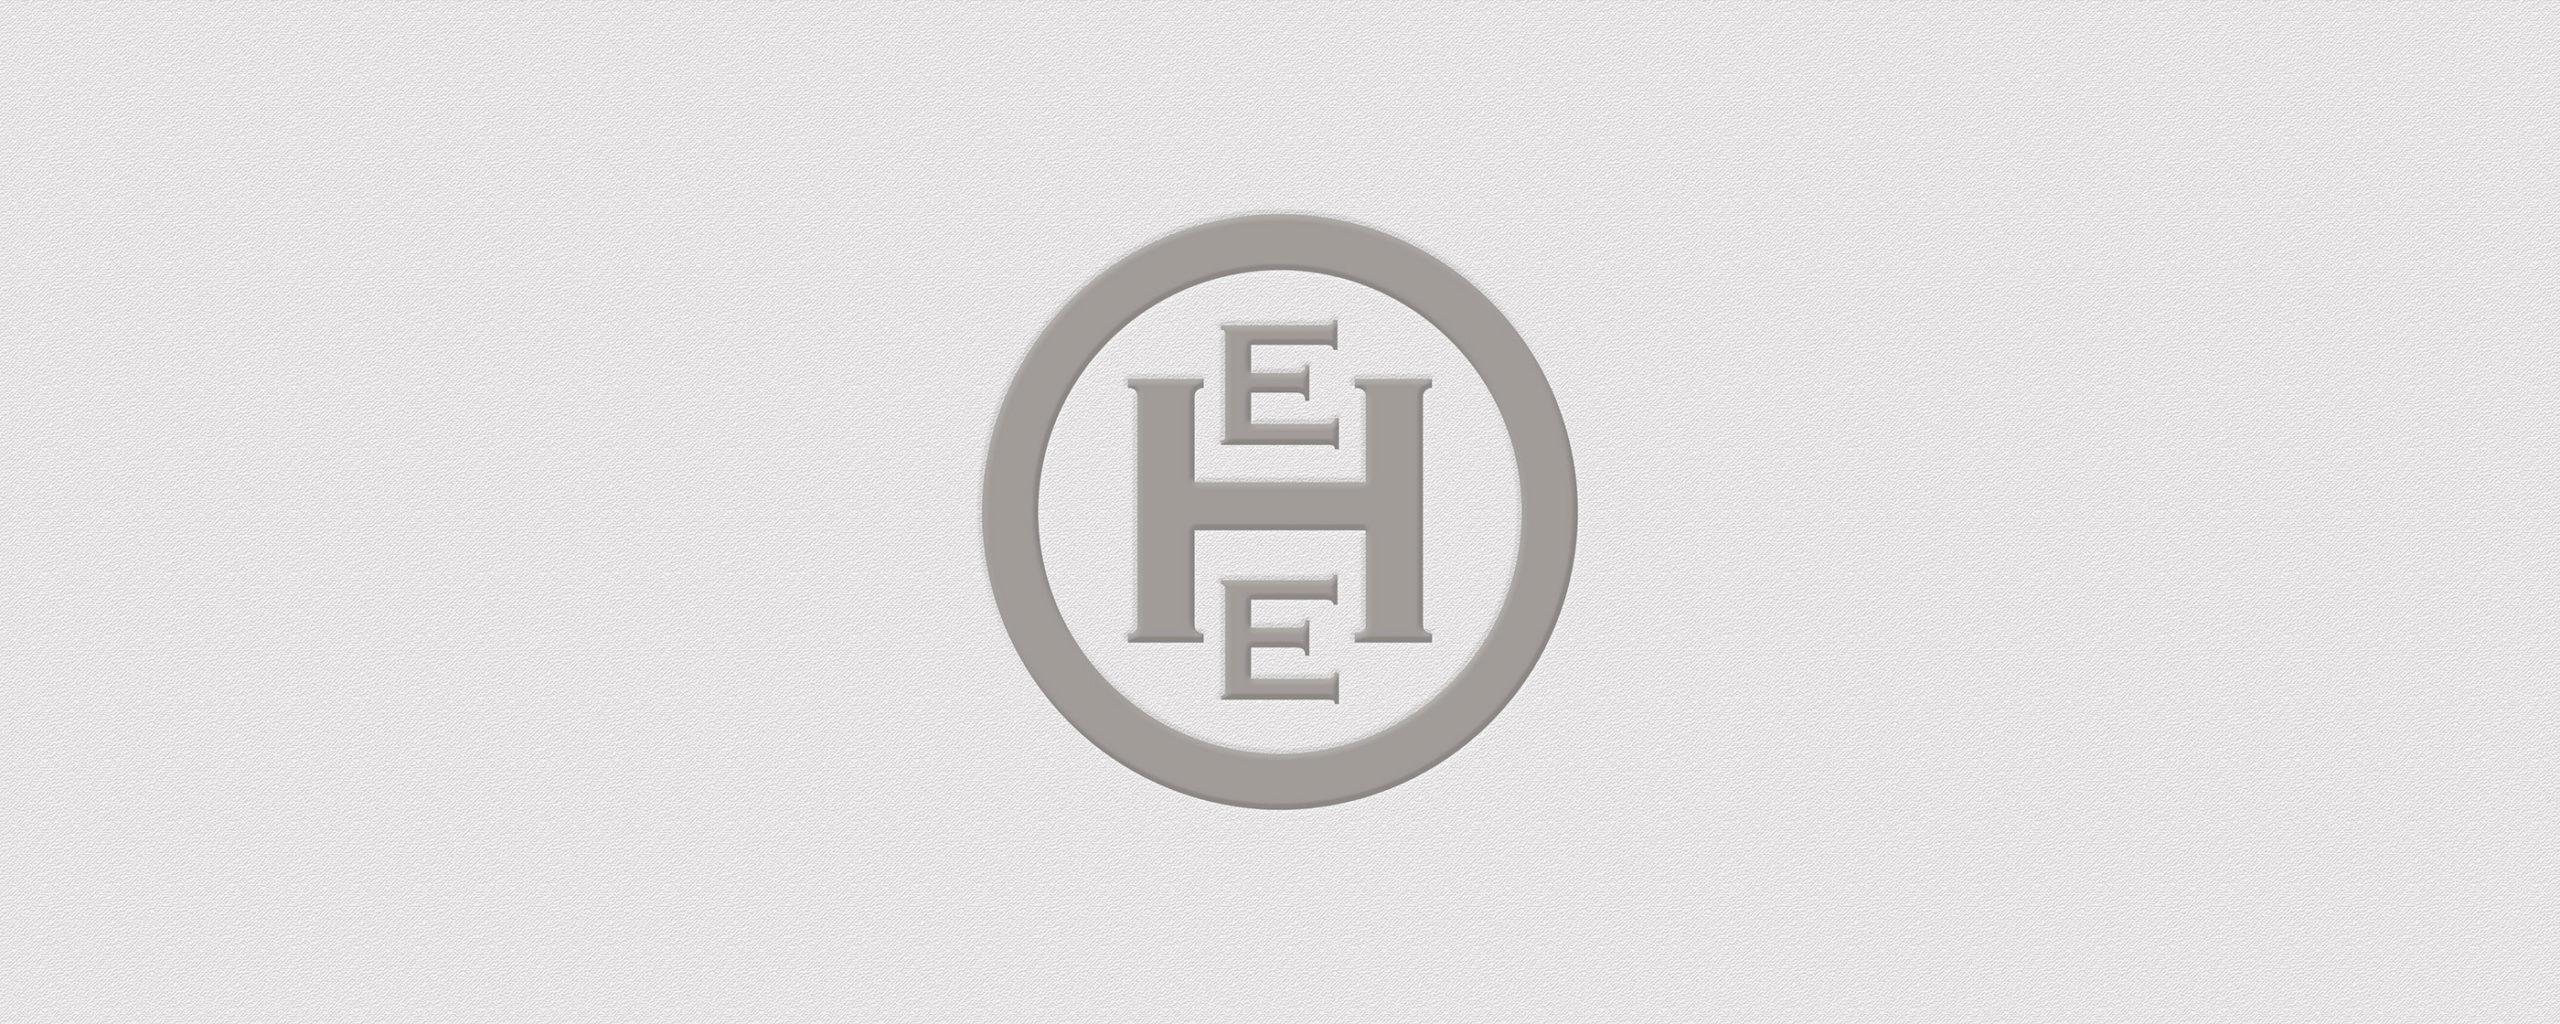 Diseño etiqueta vino hacienda el espino garnacha tintorera estudio de diseño armoder